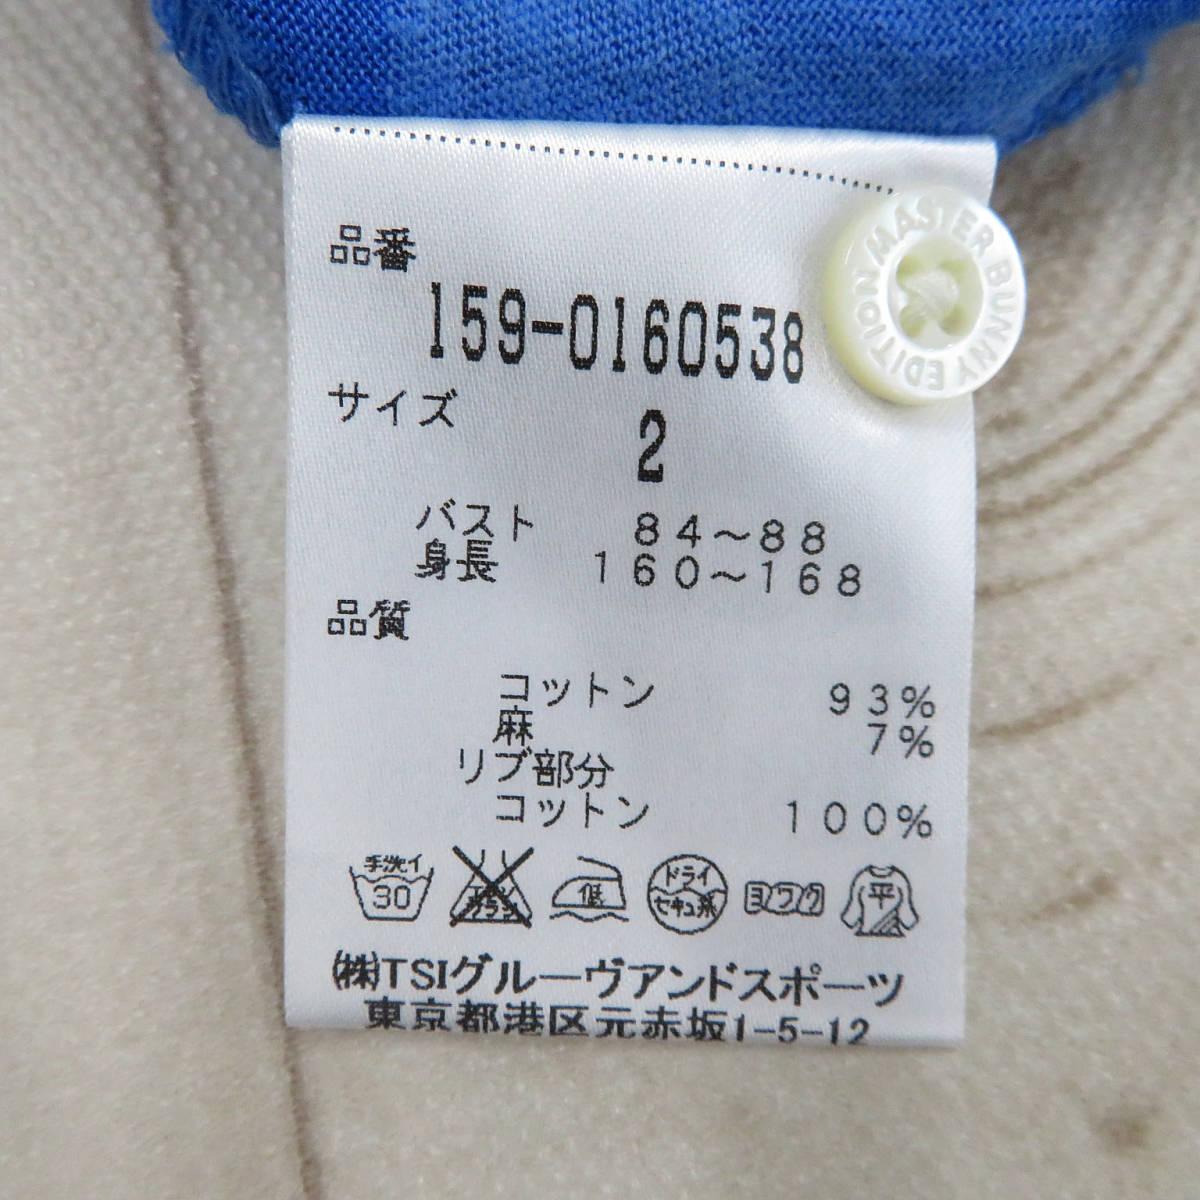 1円~!【送料無料】マスターバニーエディション レディース ポロシャツ ブルー ストライプ サイズ 2 ゴルフウェア【中古】USED [C285]_画像6